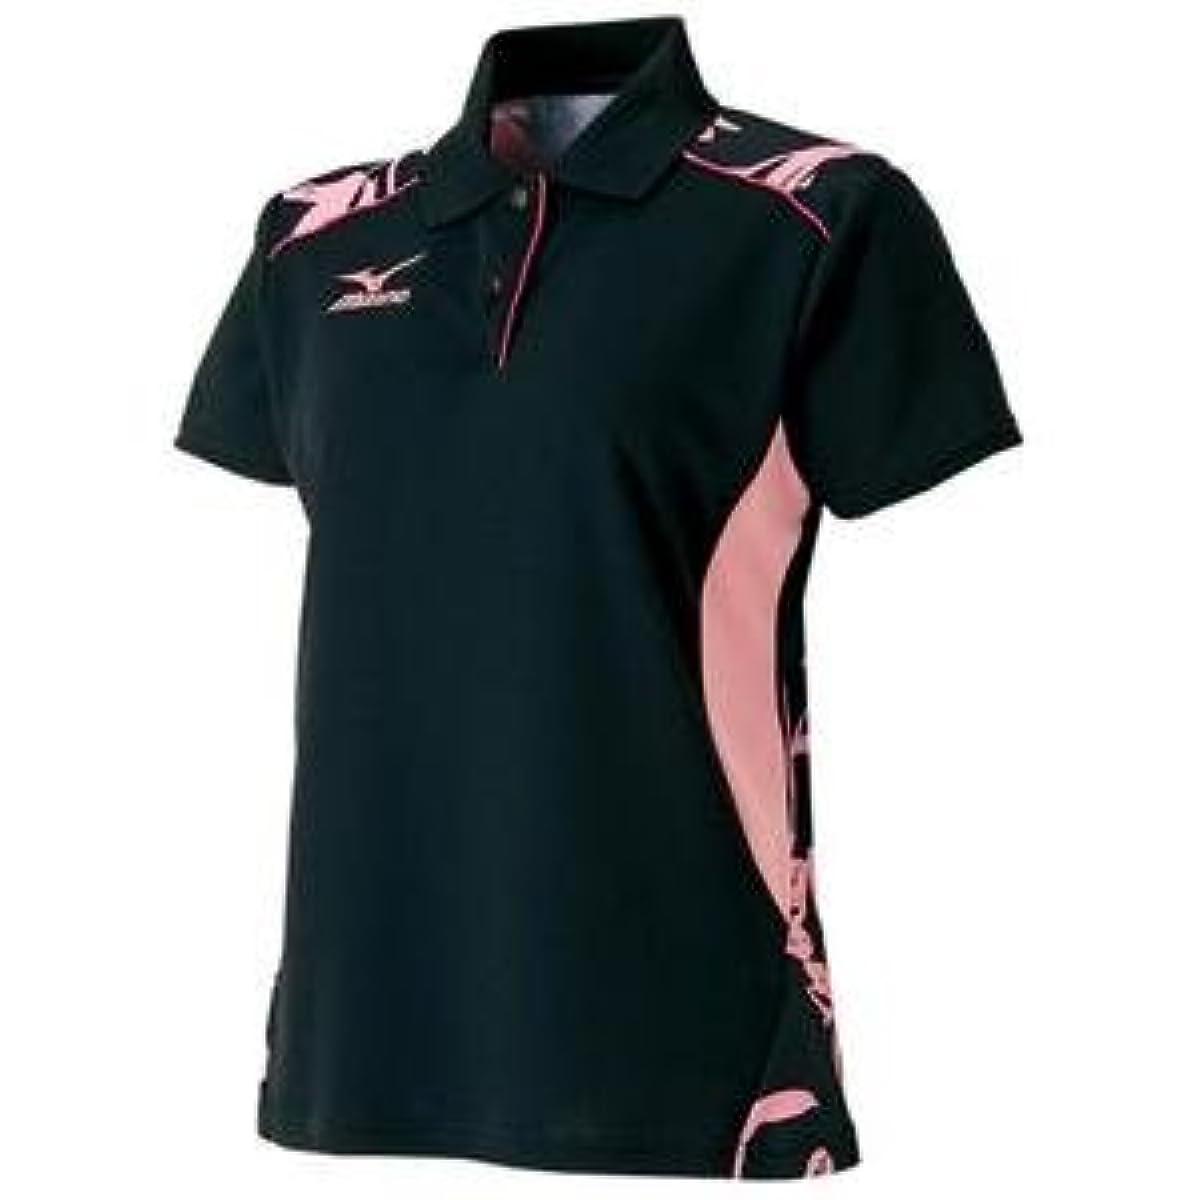 [해외] MIZUNO 드라이어이 사이언스/게임 셔츠(탁구/레이디스) 주문 상품 사이즈:S